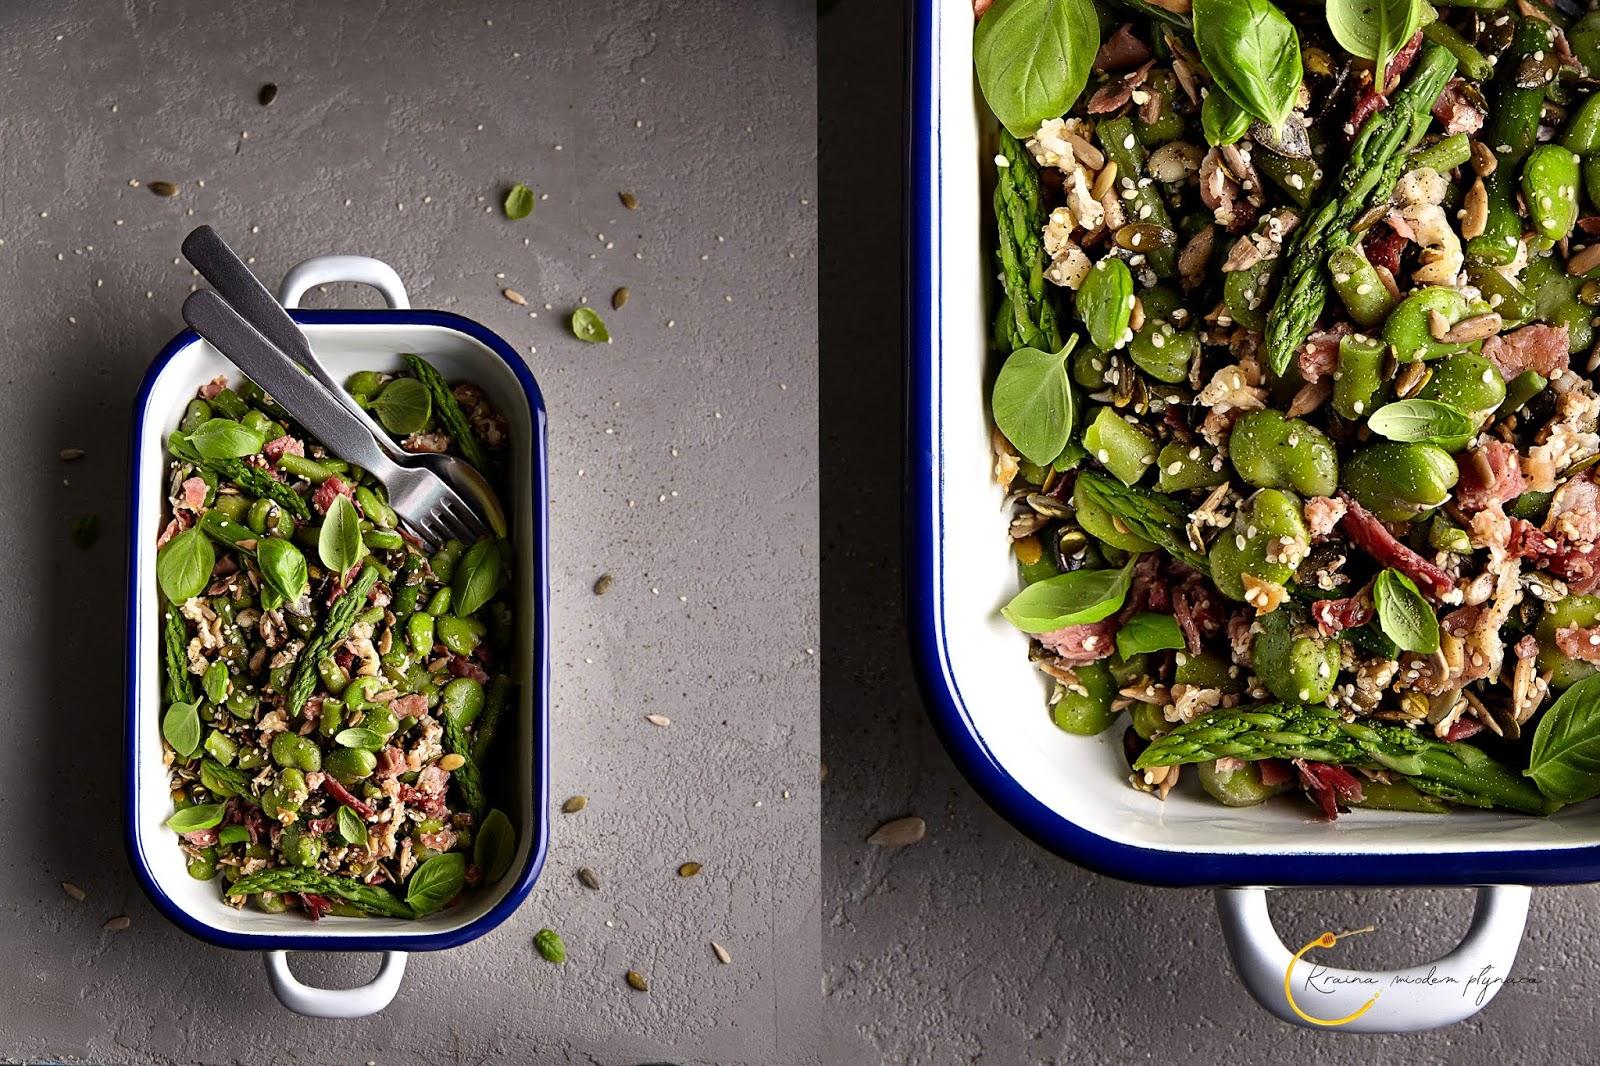 zielone warzywa z szynką, pomysł na bób, pomysł na szparagi, pomysł na  fasolkę szparagową, warzywa chlorofil, kraina miodem płynąca, fotografia kulinarna szczecin